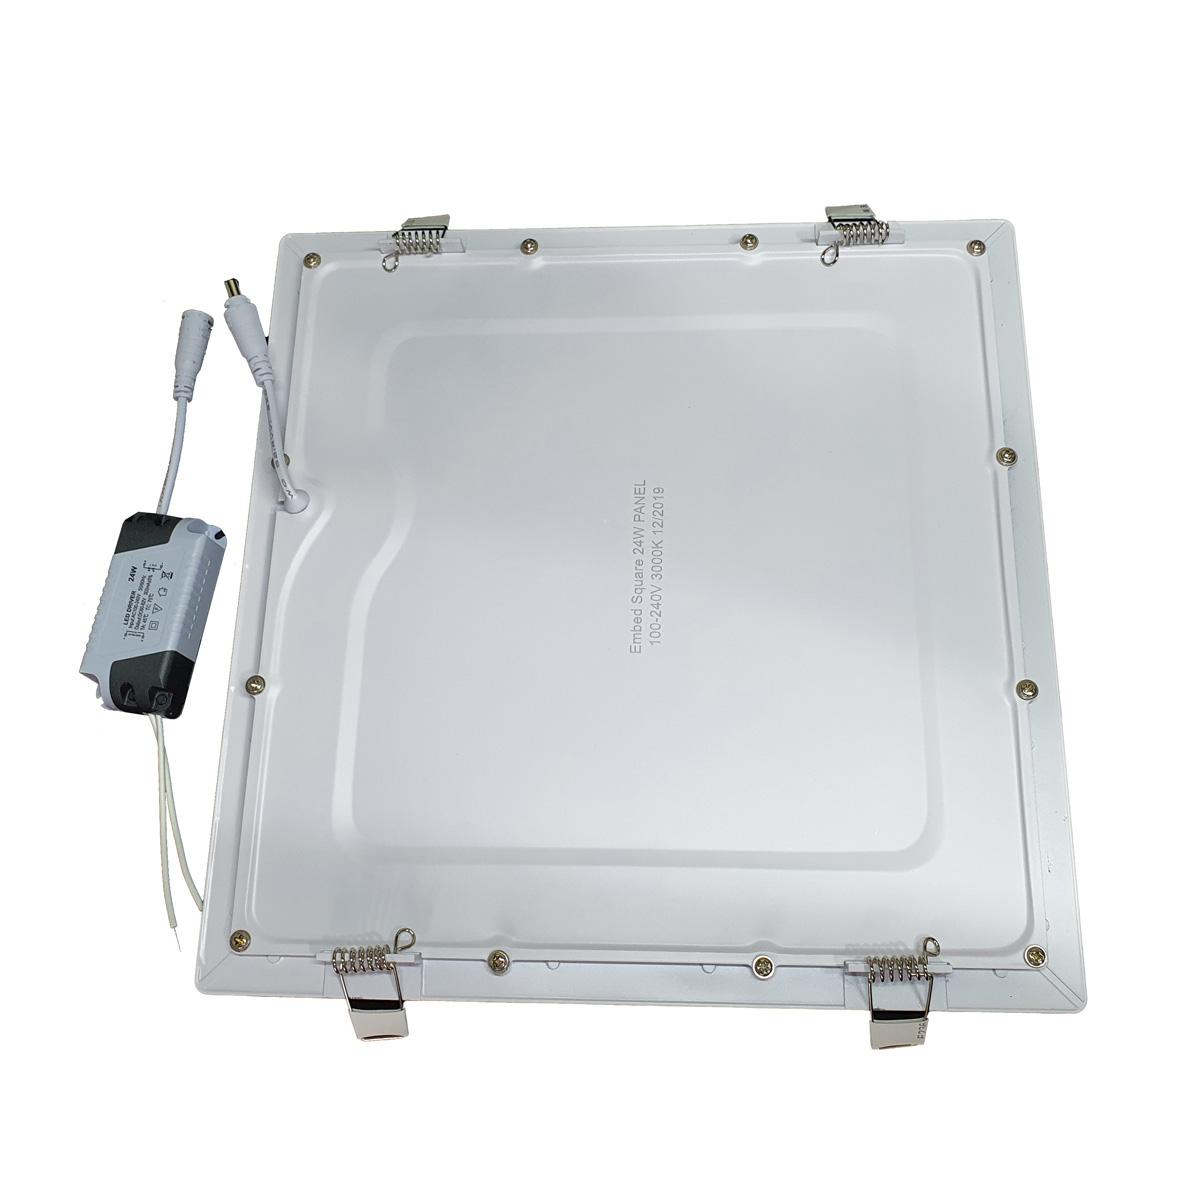 Luminária LED Embutir 24w Quadrada Branco Frio 6500k Plafon